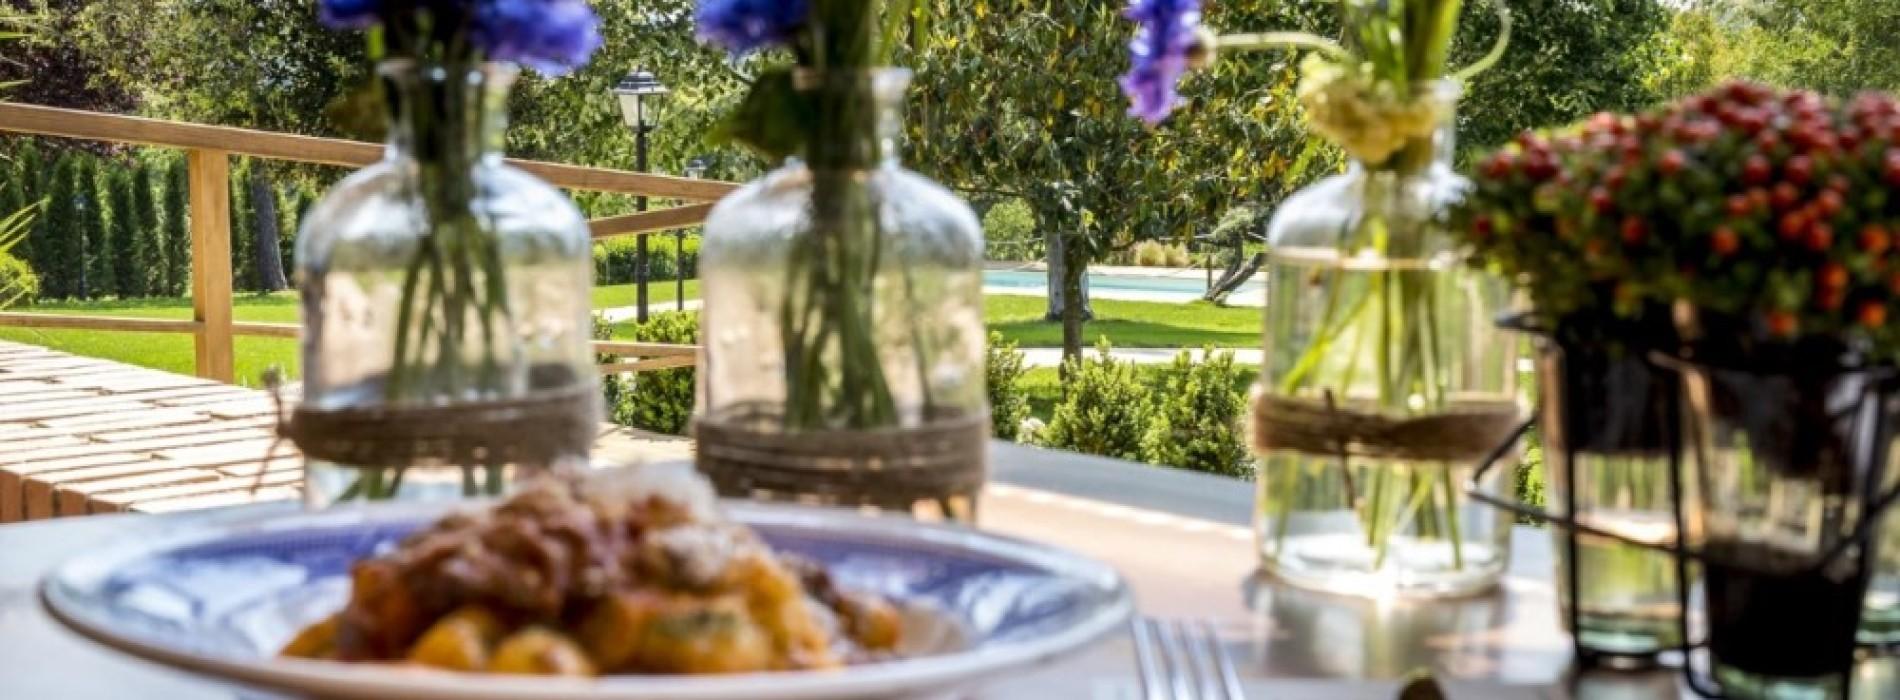 Nuove aperture Roma maggio 2016: 532 Restaurant Grill, Dalodi, Va.do al Pigneto e Downing Square